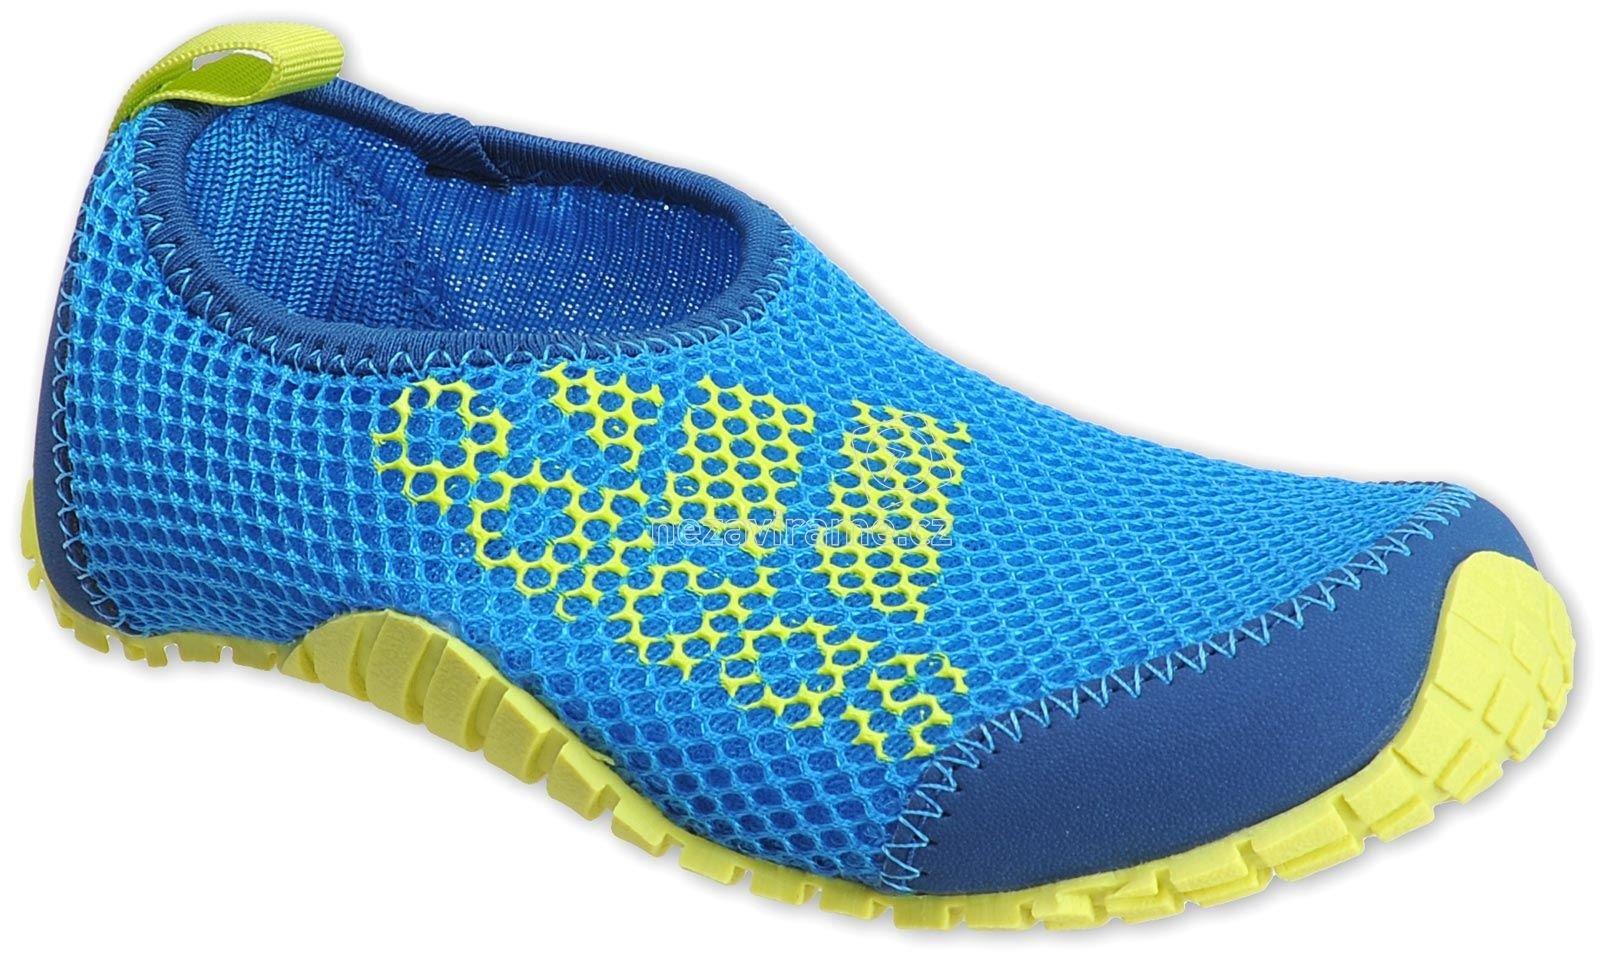 Gyerek strandcipő adidas D66757